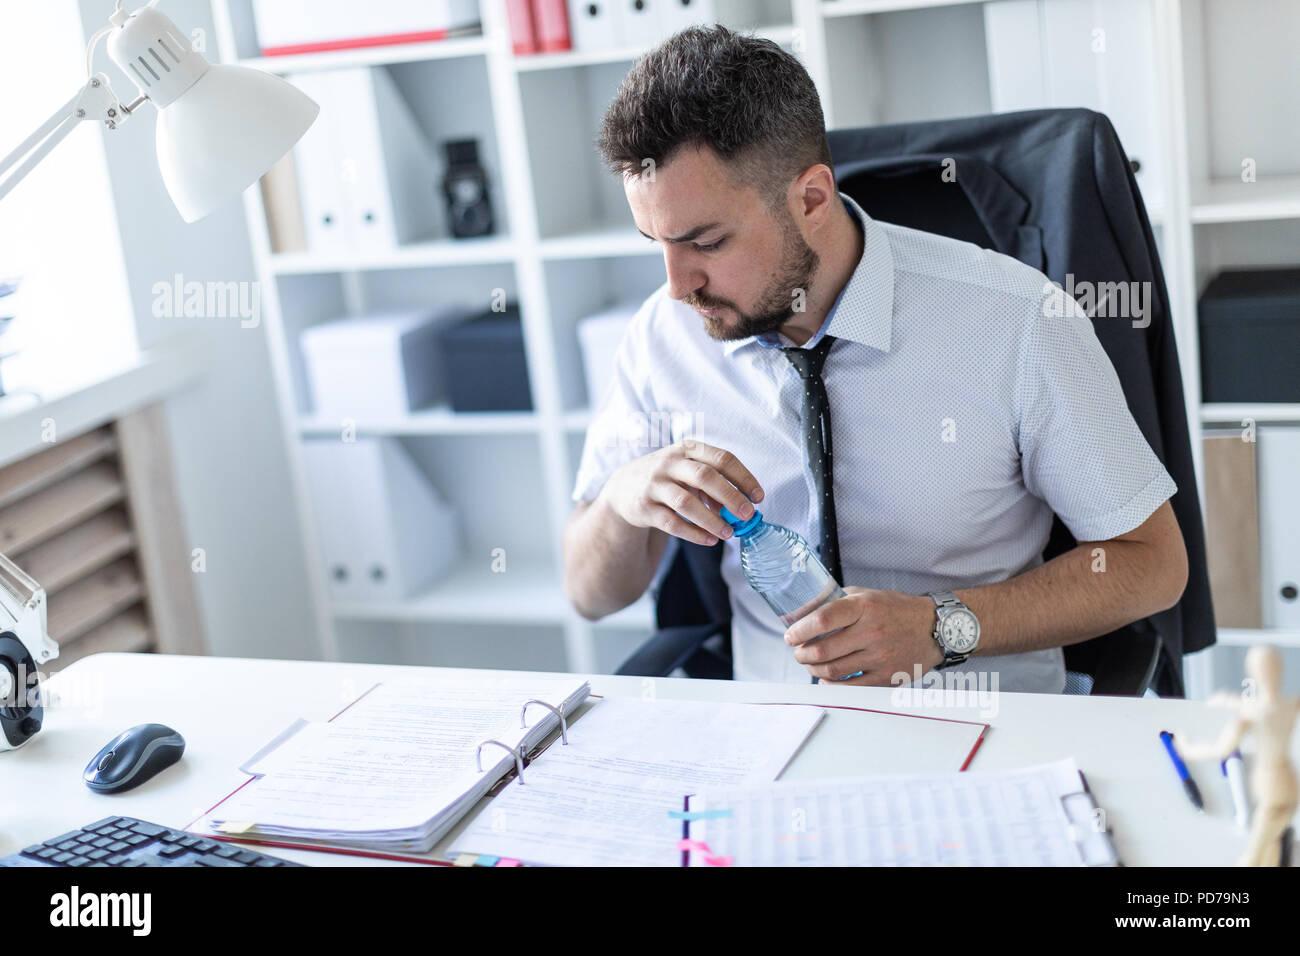 Un homme est assis à une table dans le bureau, travailler sur des documents et l'ouverture d'une bouteille d'eau. Photo Stock